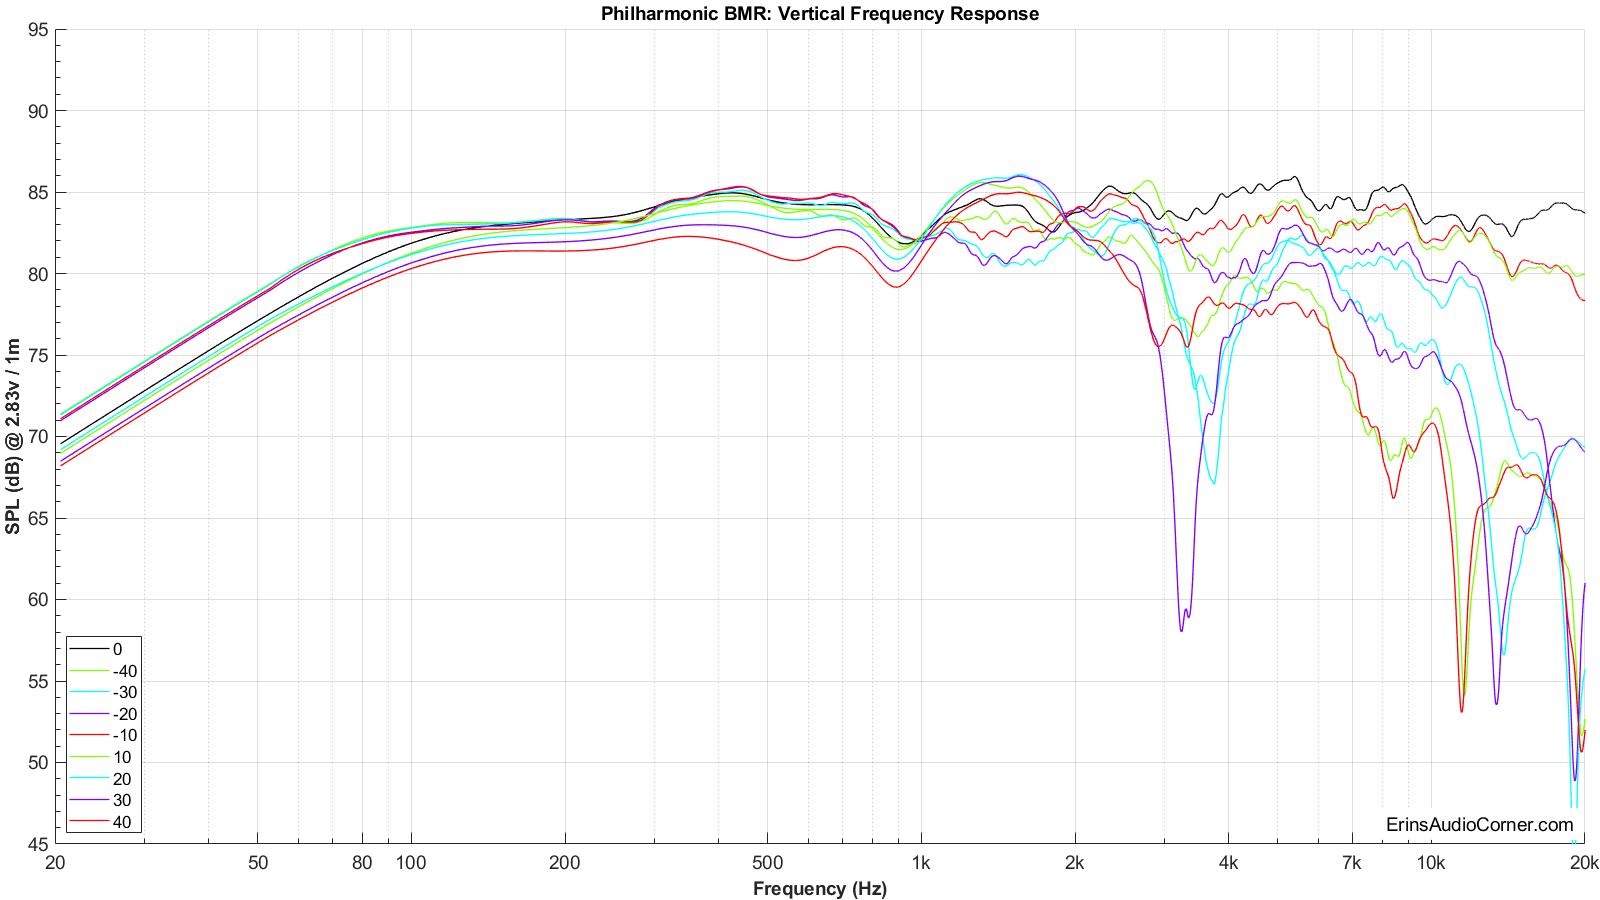 Philharmonic%20BMR%20Vertical%20FR.png